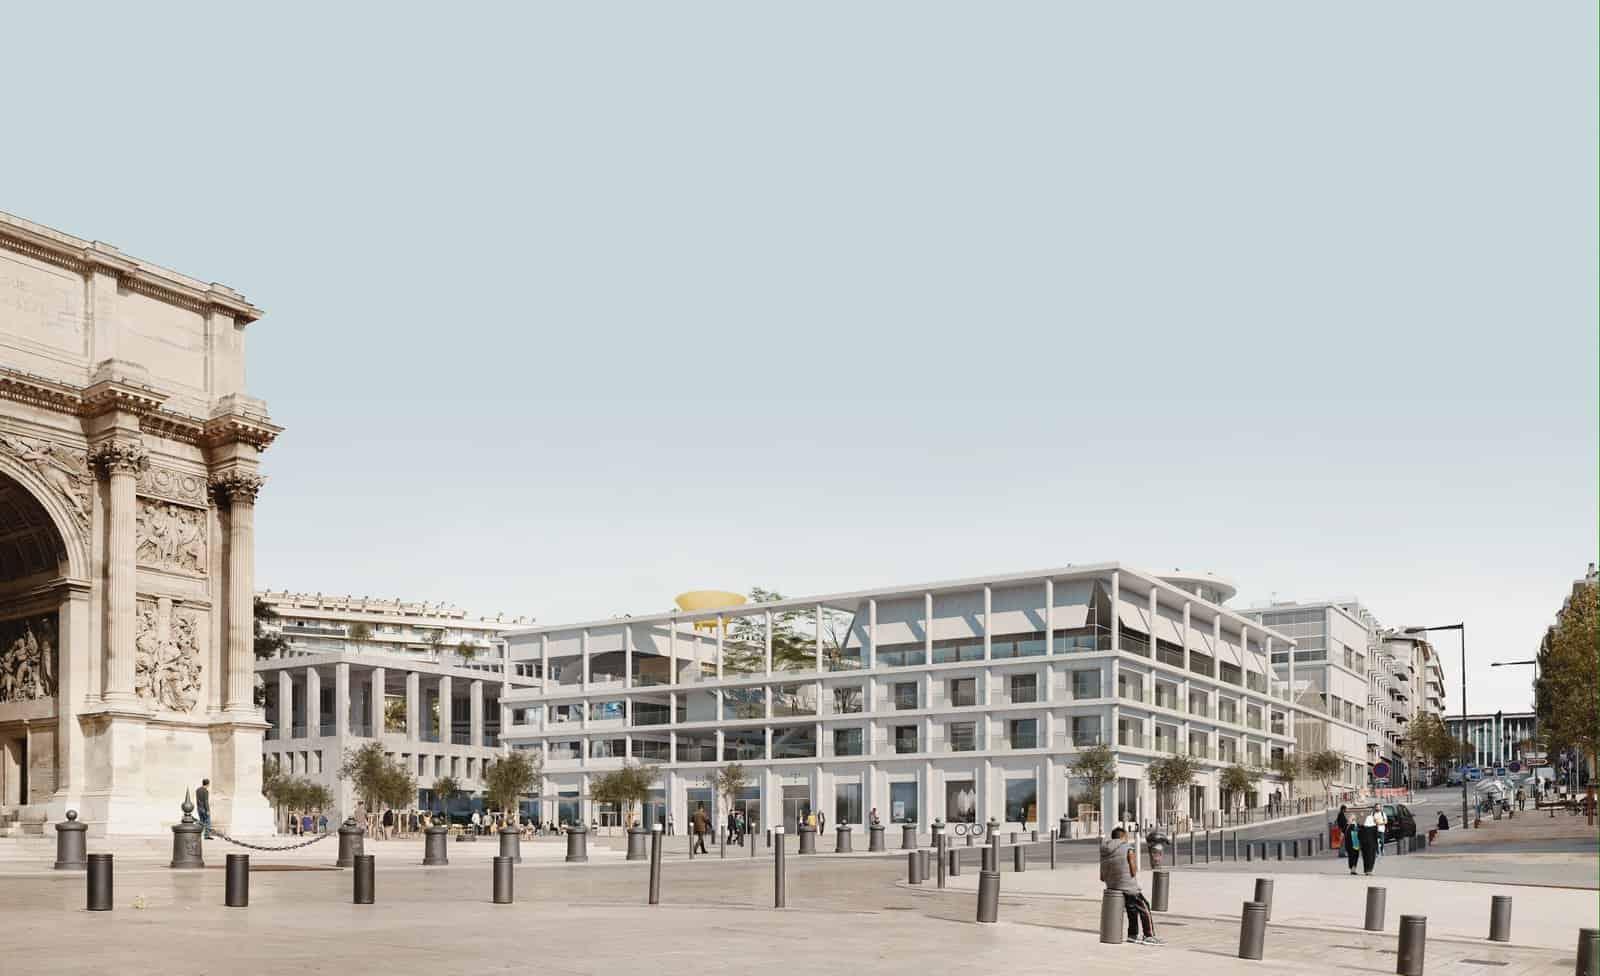 imvt, école d'architecture, institut d'urbanisme